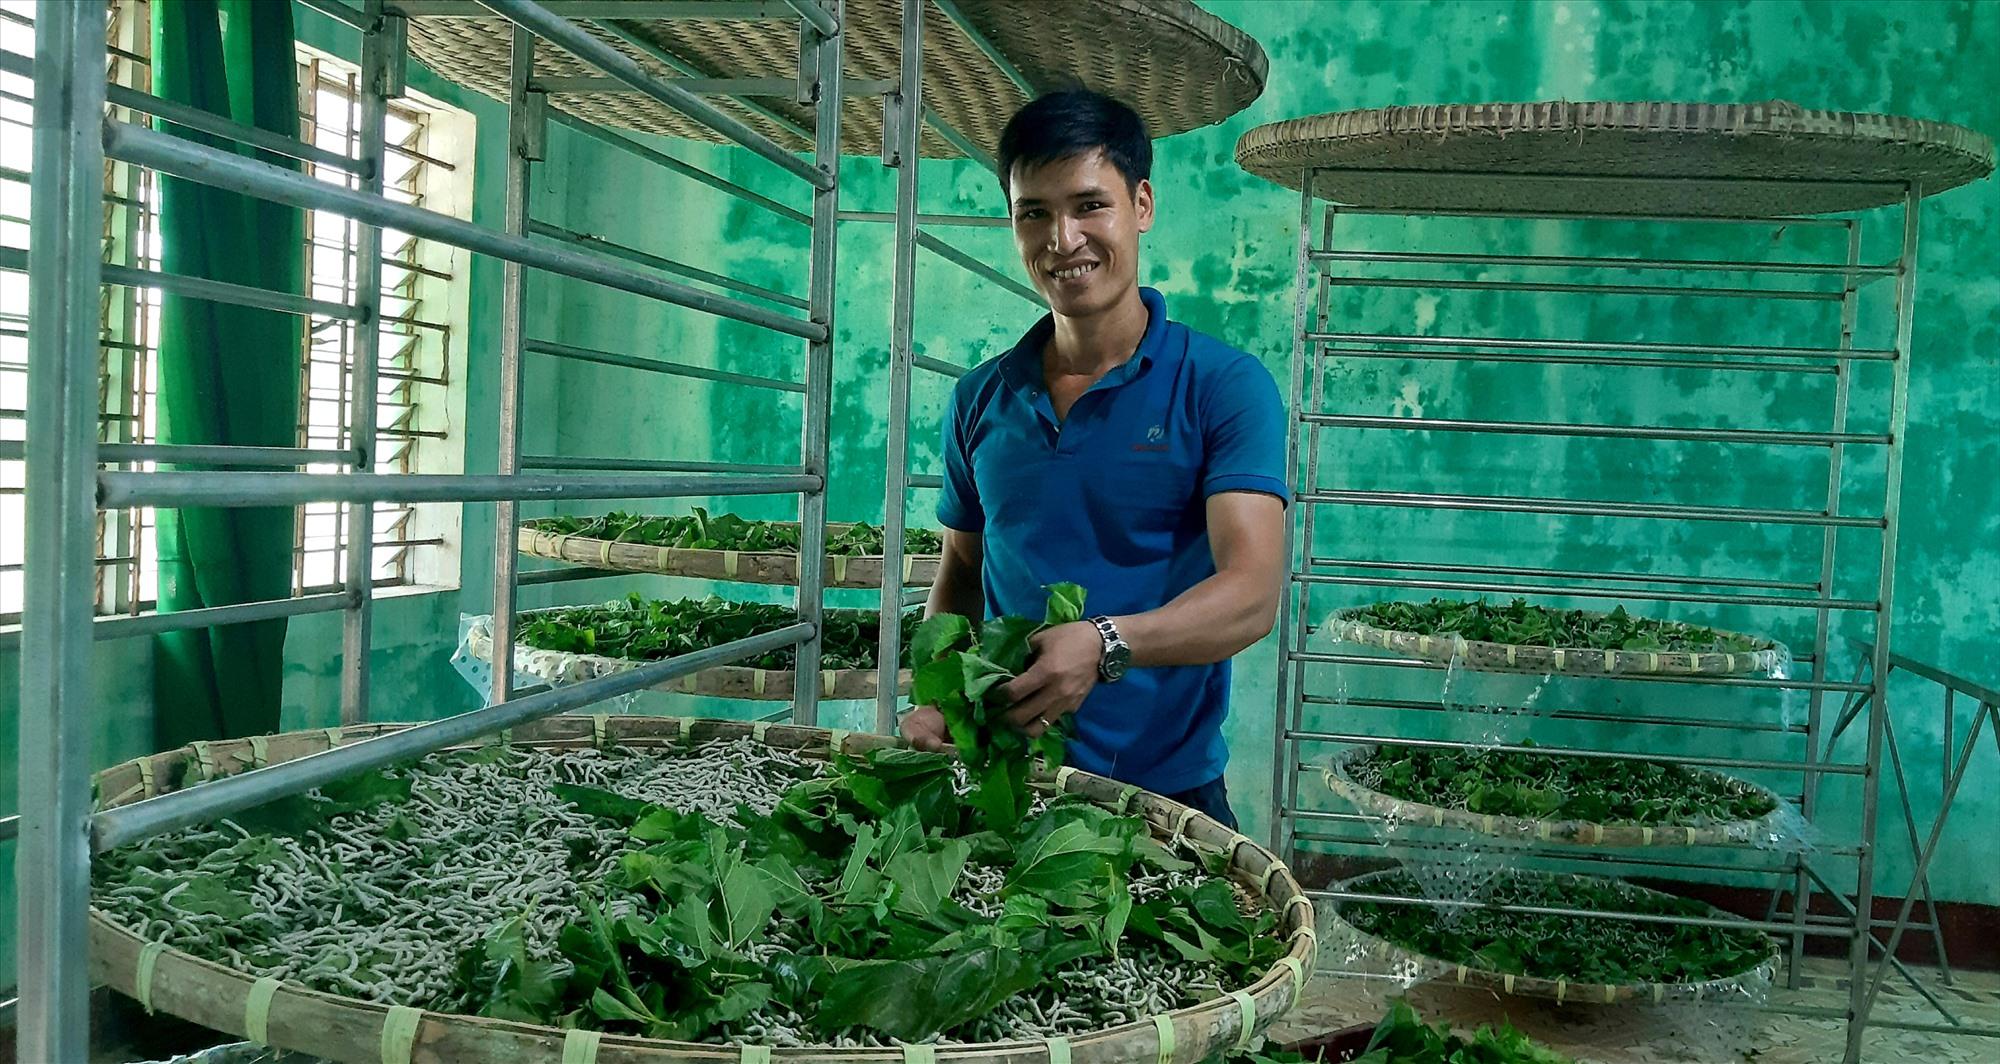 Mô hình trồng dâu nuôi tằm thương phẩm theo chuỗi giá trị sản phẩm ở xã Duy Châu (Duy Xuyên) mang lại hiệu quả kinh tế cao. Ảnh: VĂN SỰ